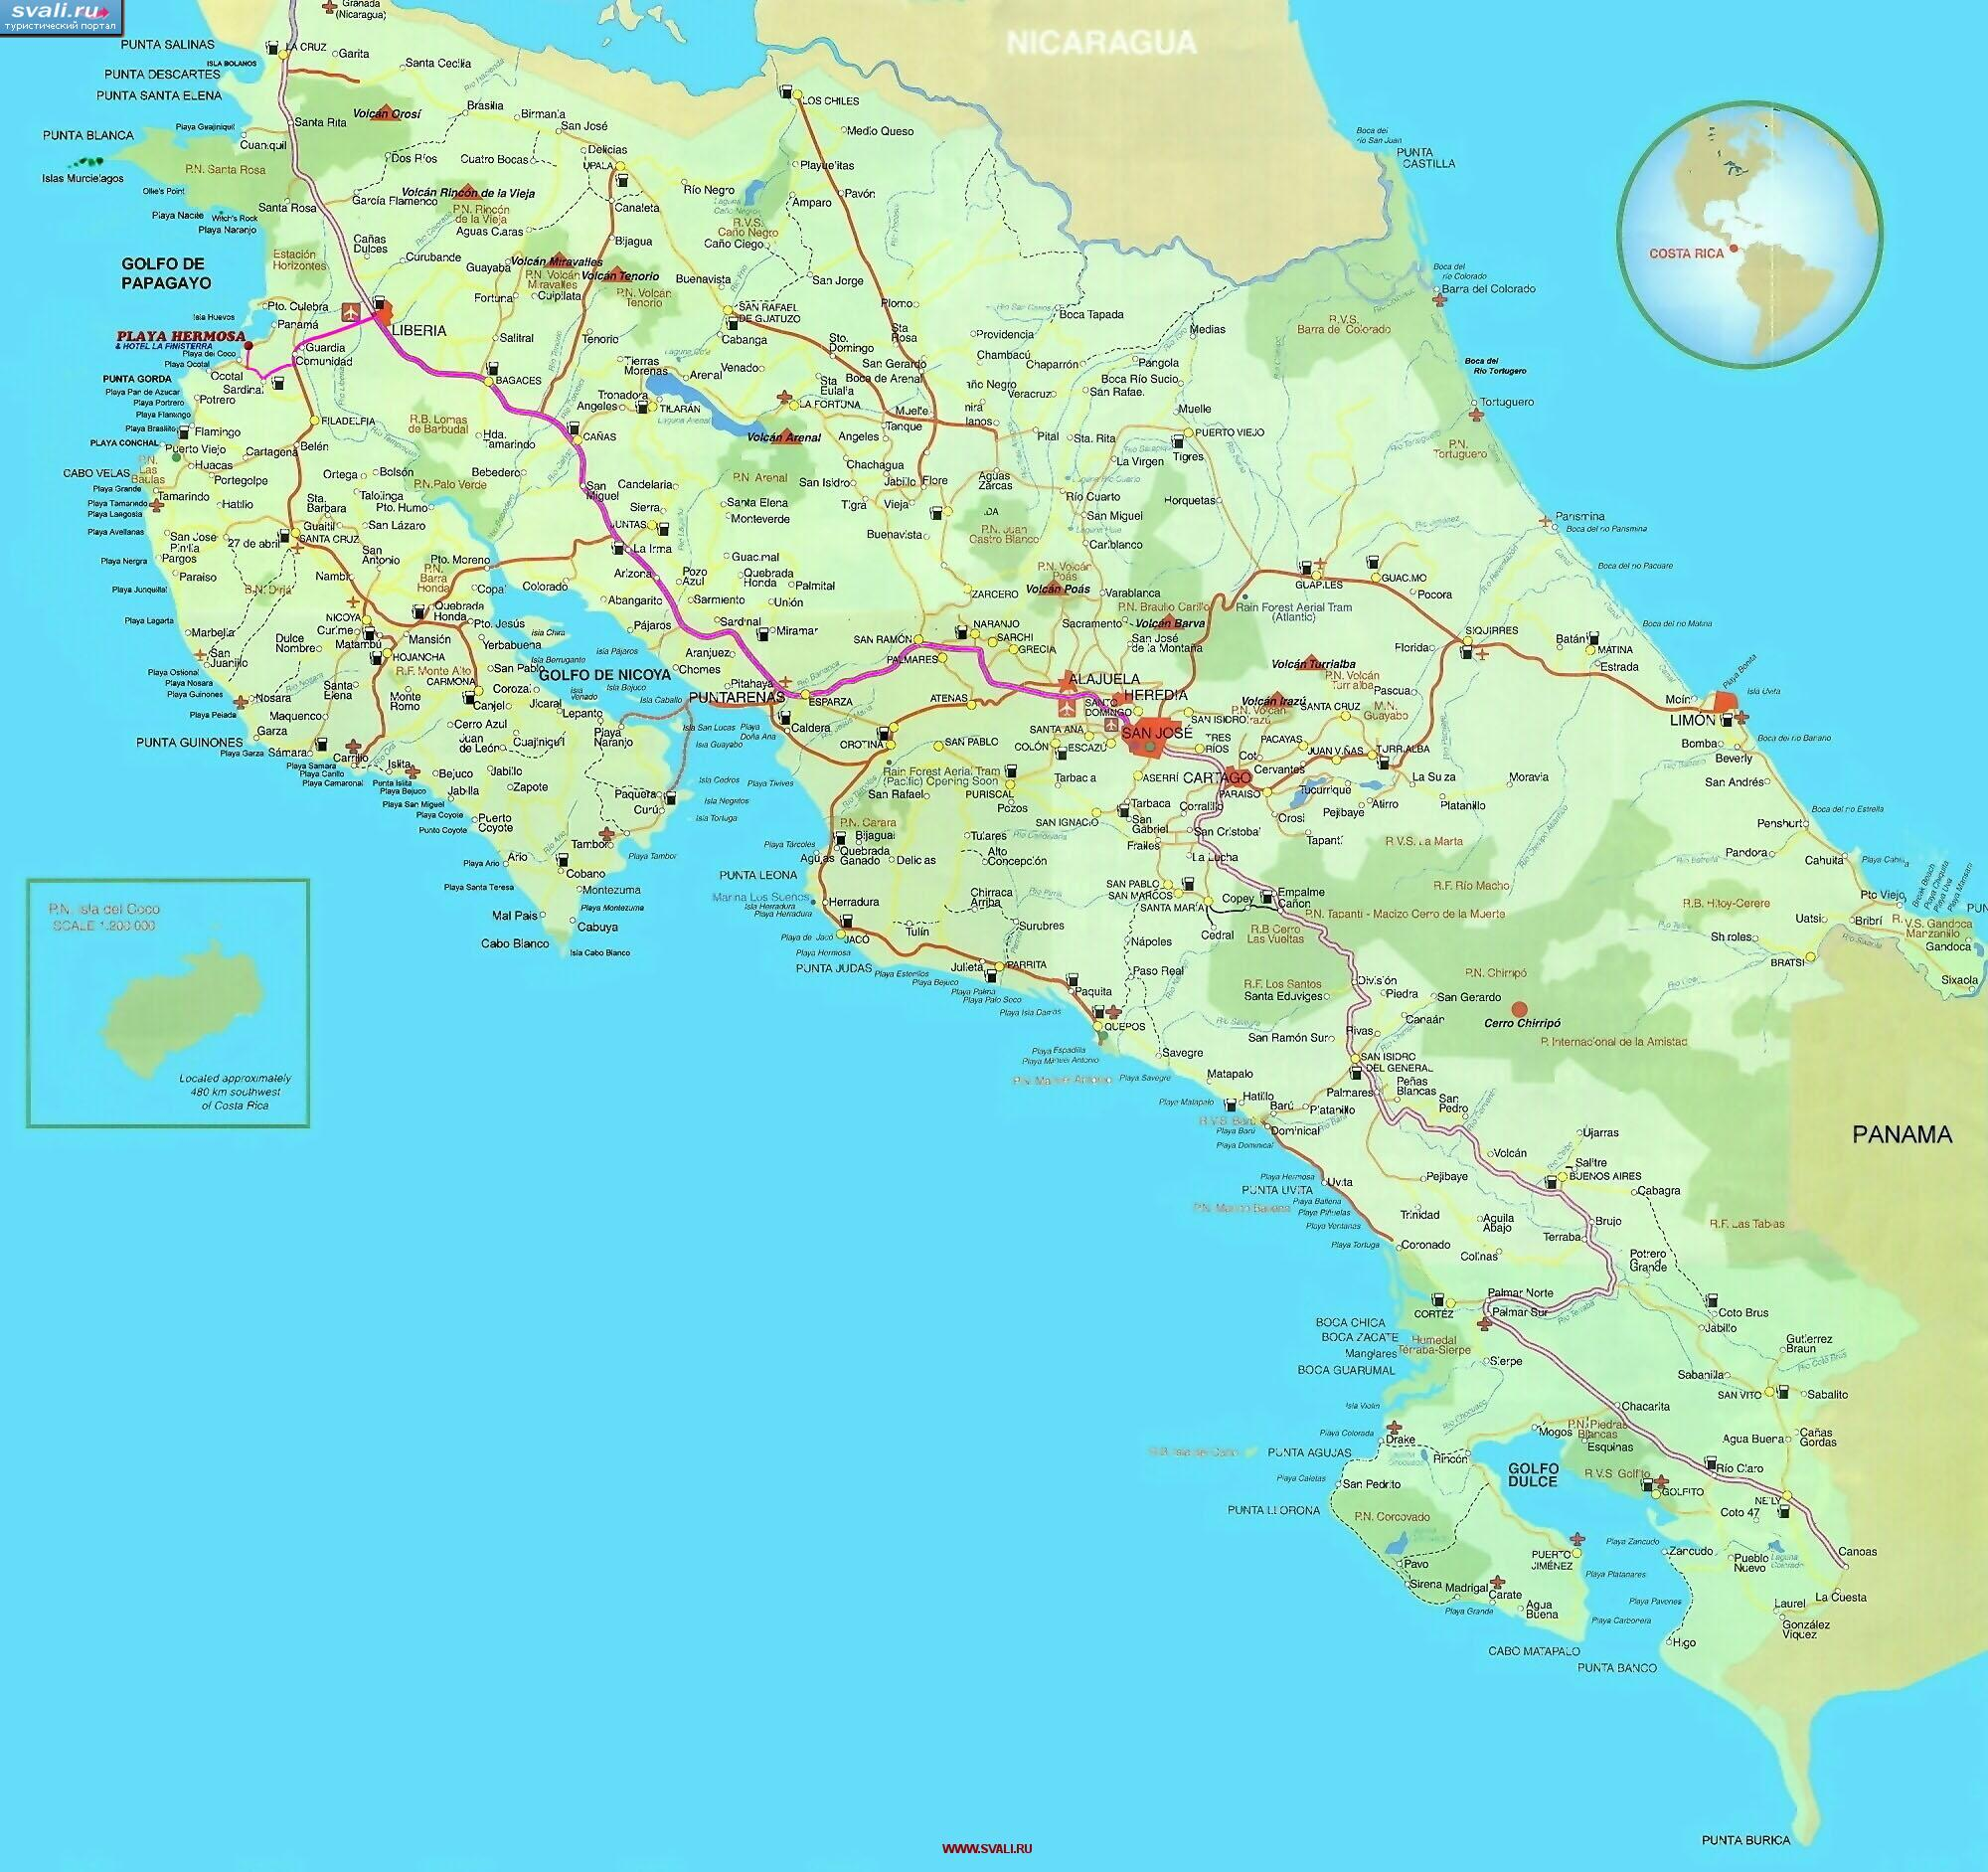 Karty Turisticheskaya Karta Kosta Riki Isp Kosta Rika